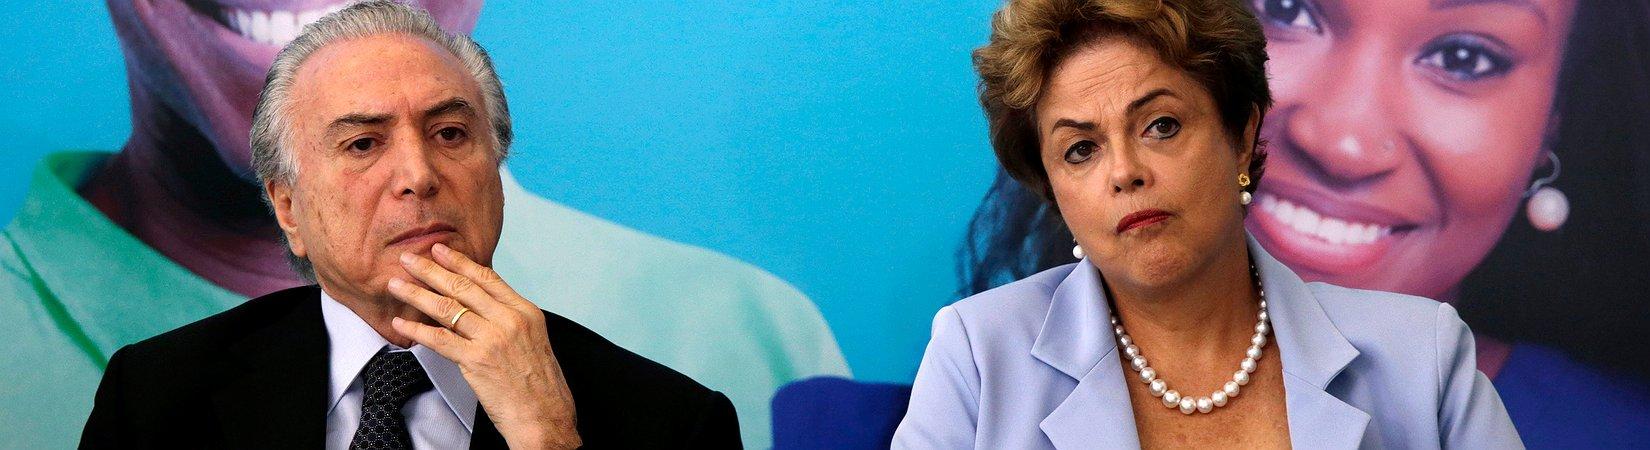 Rousseffs Rücktritt ist keine Lösung